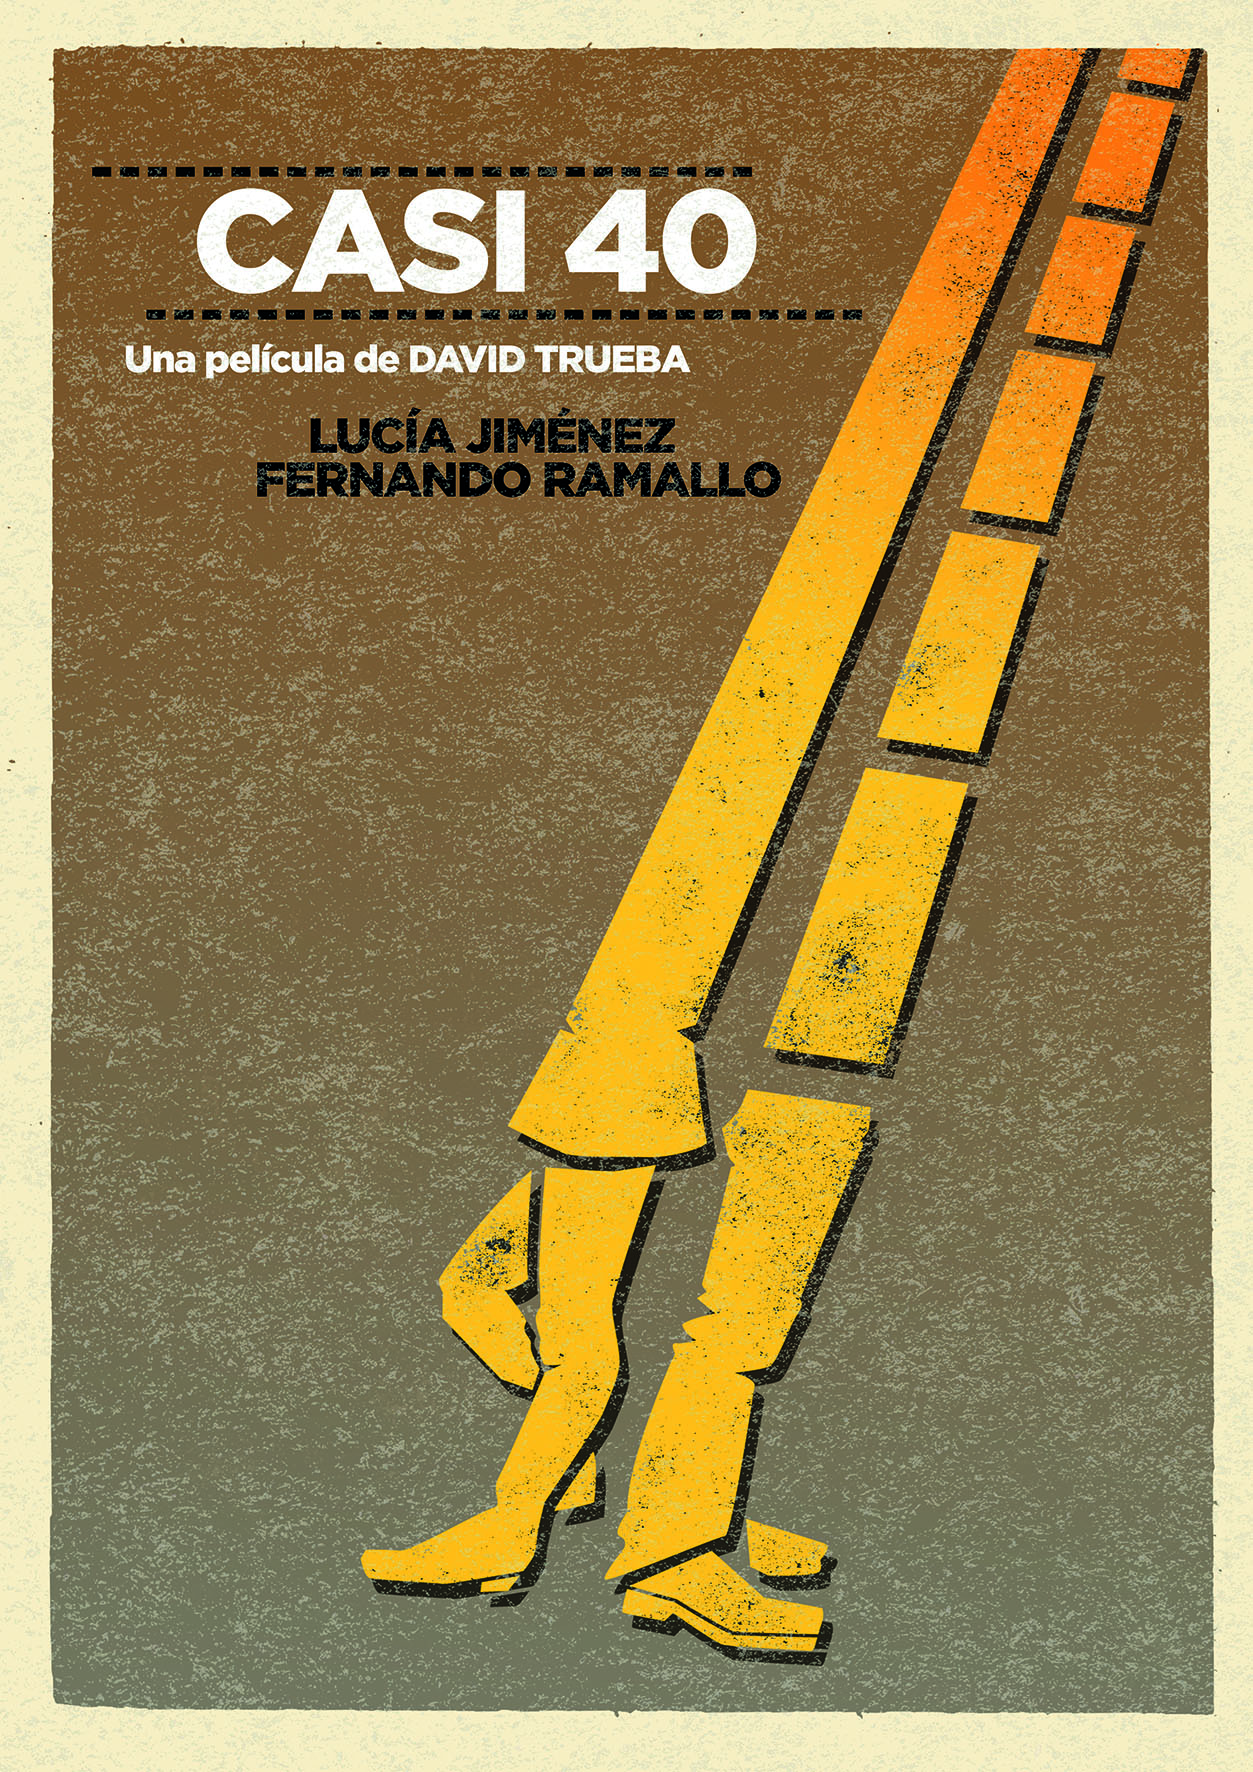 'Casi 40': Lo nuevo de David Trueba se presenta en el Festival de Cine de Málaga